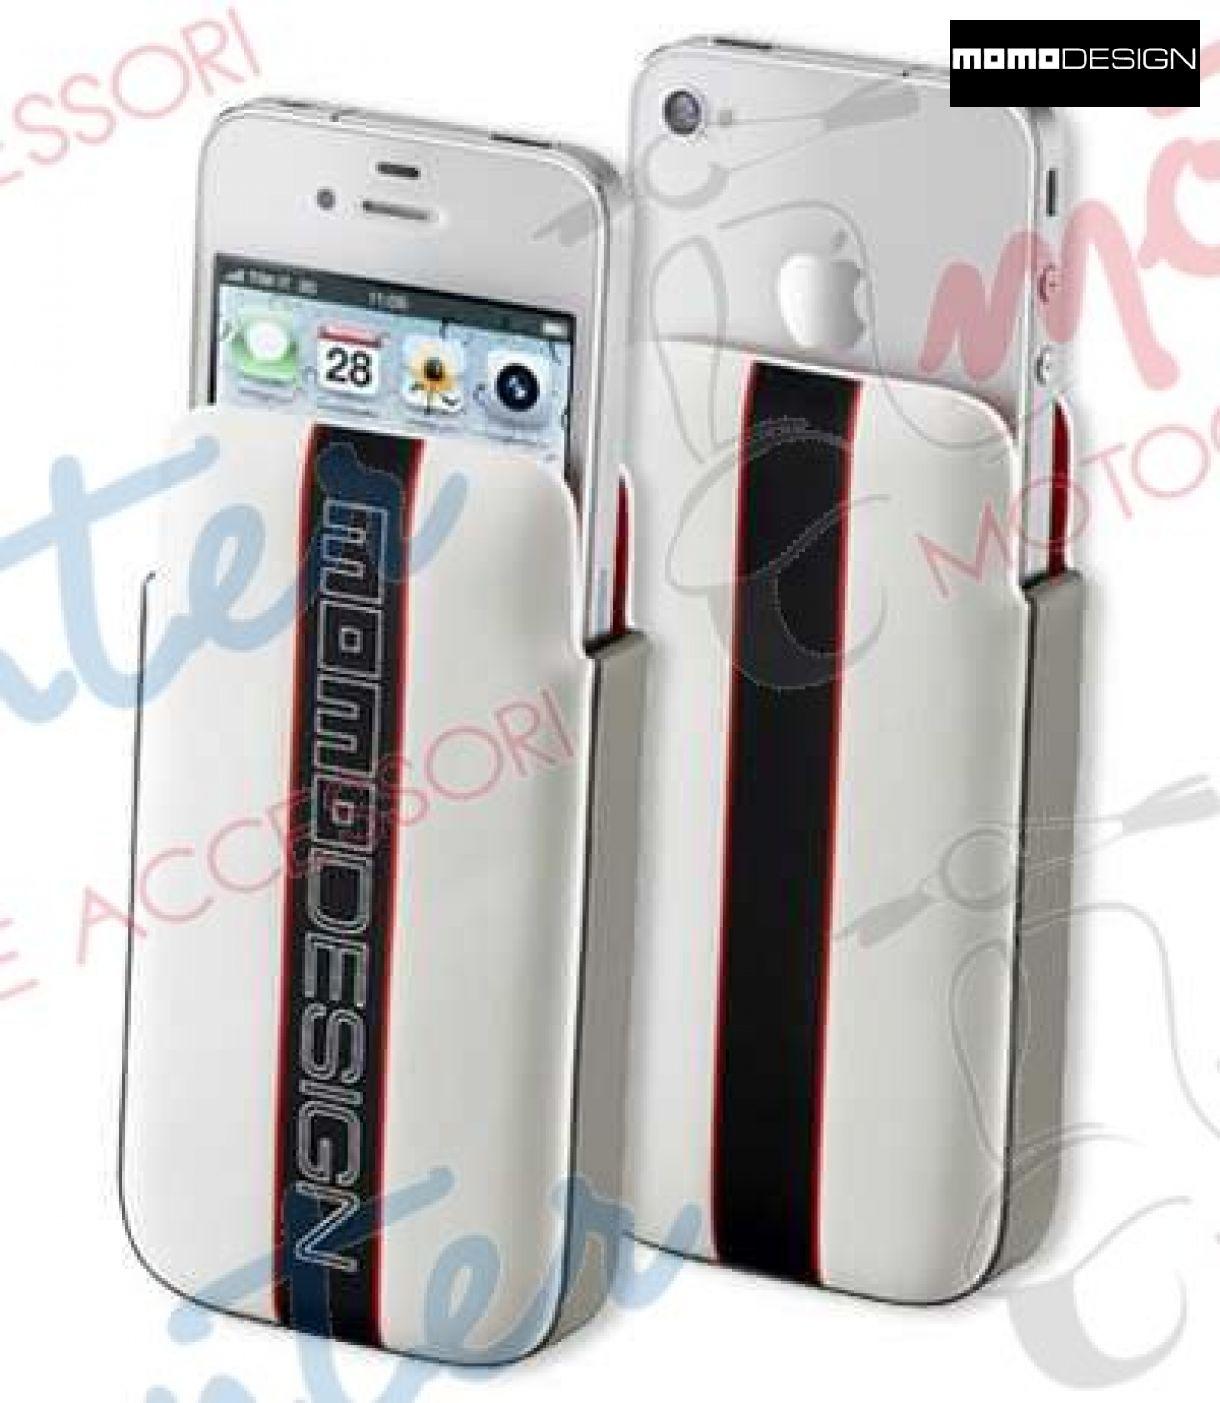 custodia iphone 4s cellular line